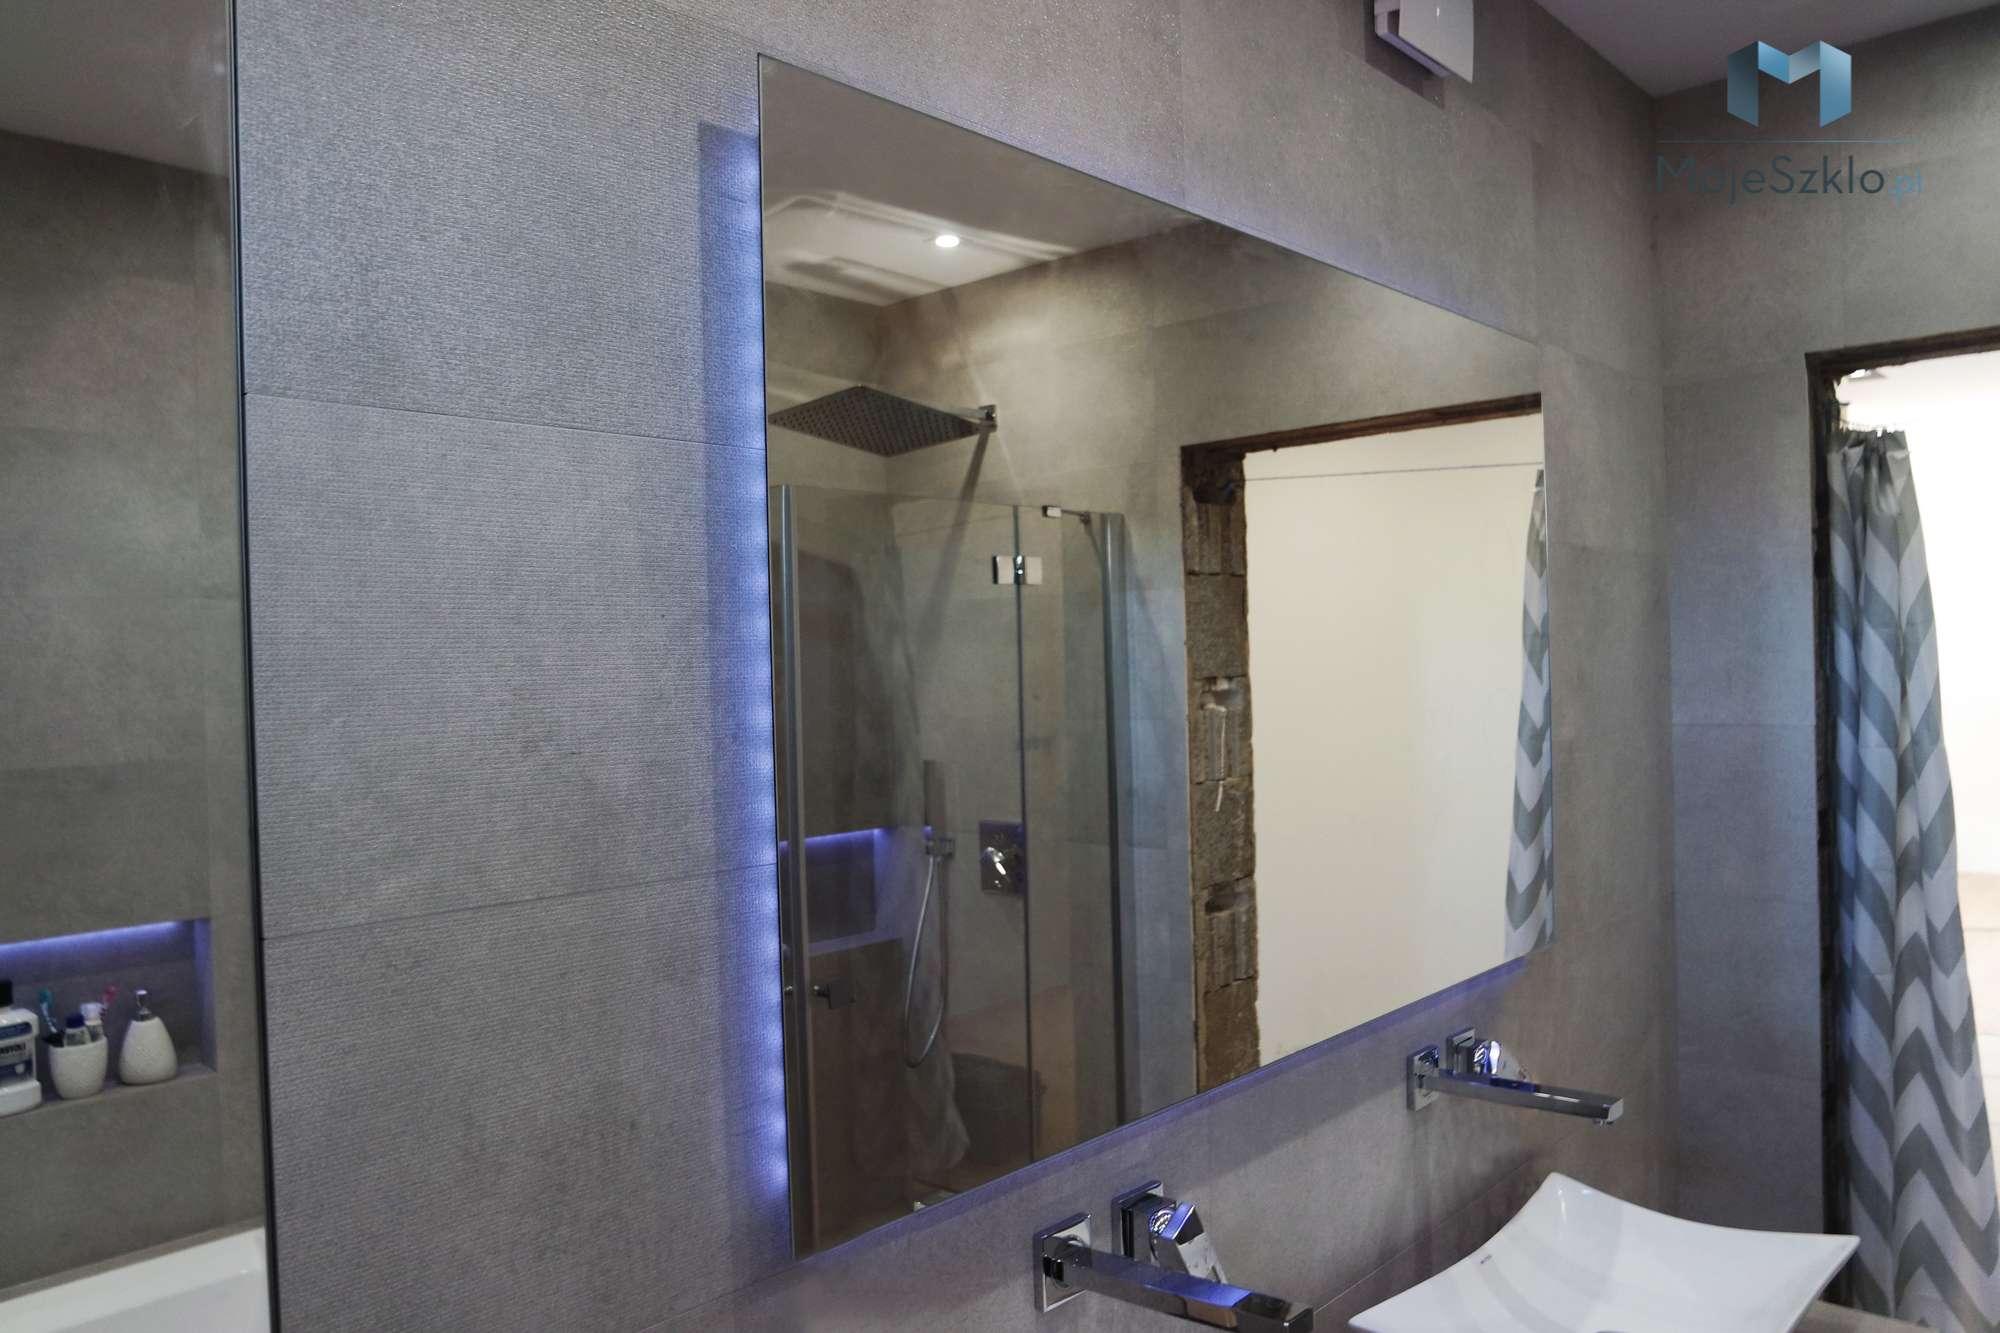 Lustro Z Oswietleniem Poswiata - Złota kabina prysznicowa. Kabina w złotych okuciach